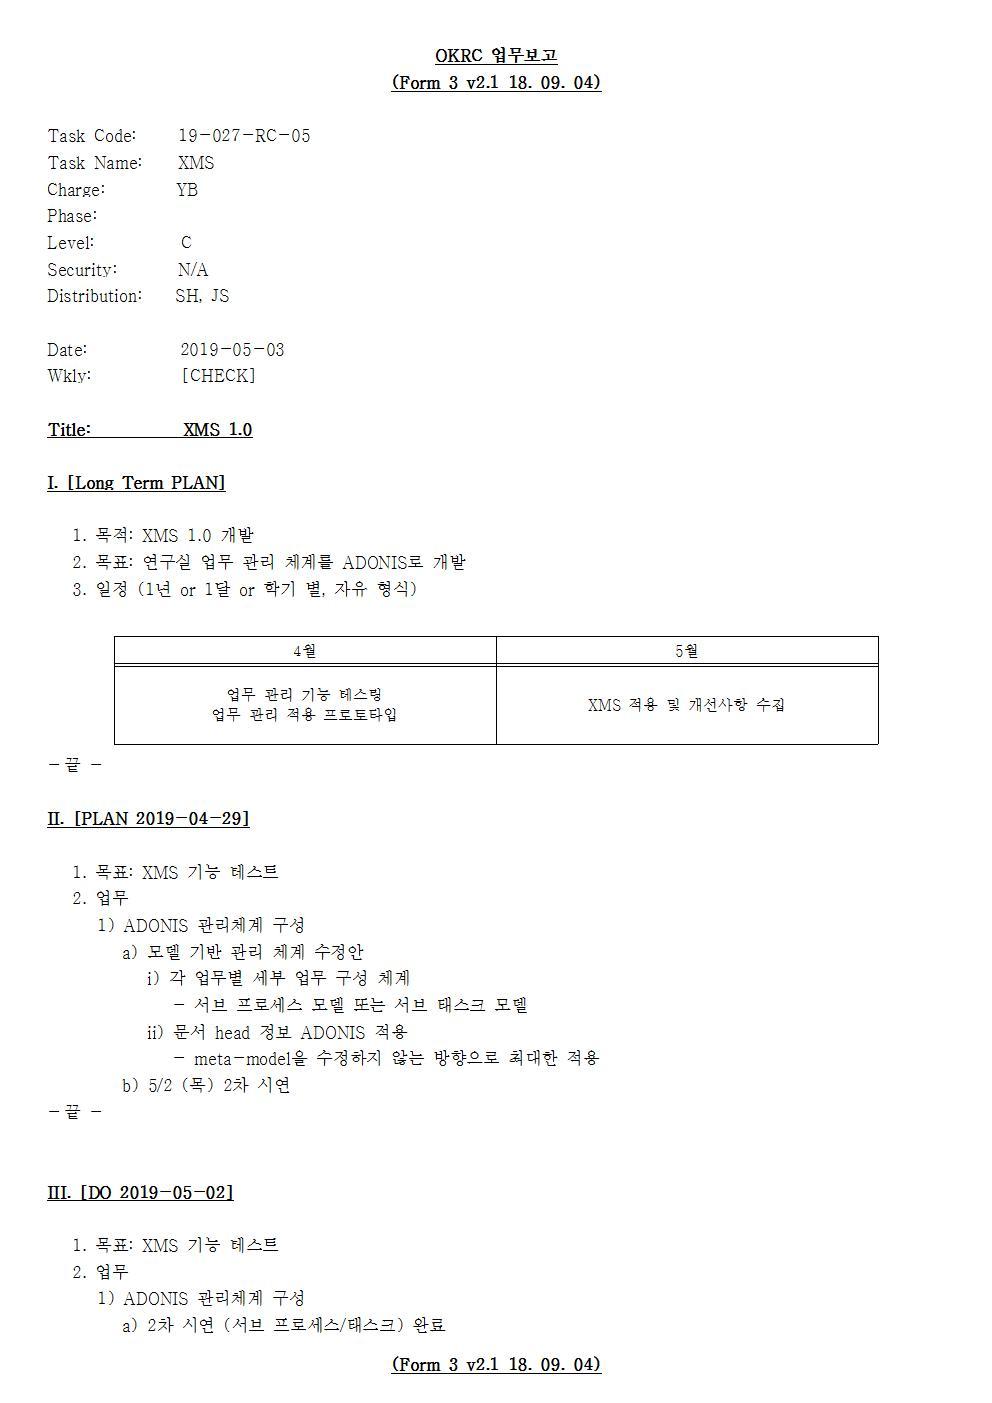 D-[19-027-RC-05]-[XMS]-[2019-05-03][YB]001.jpg